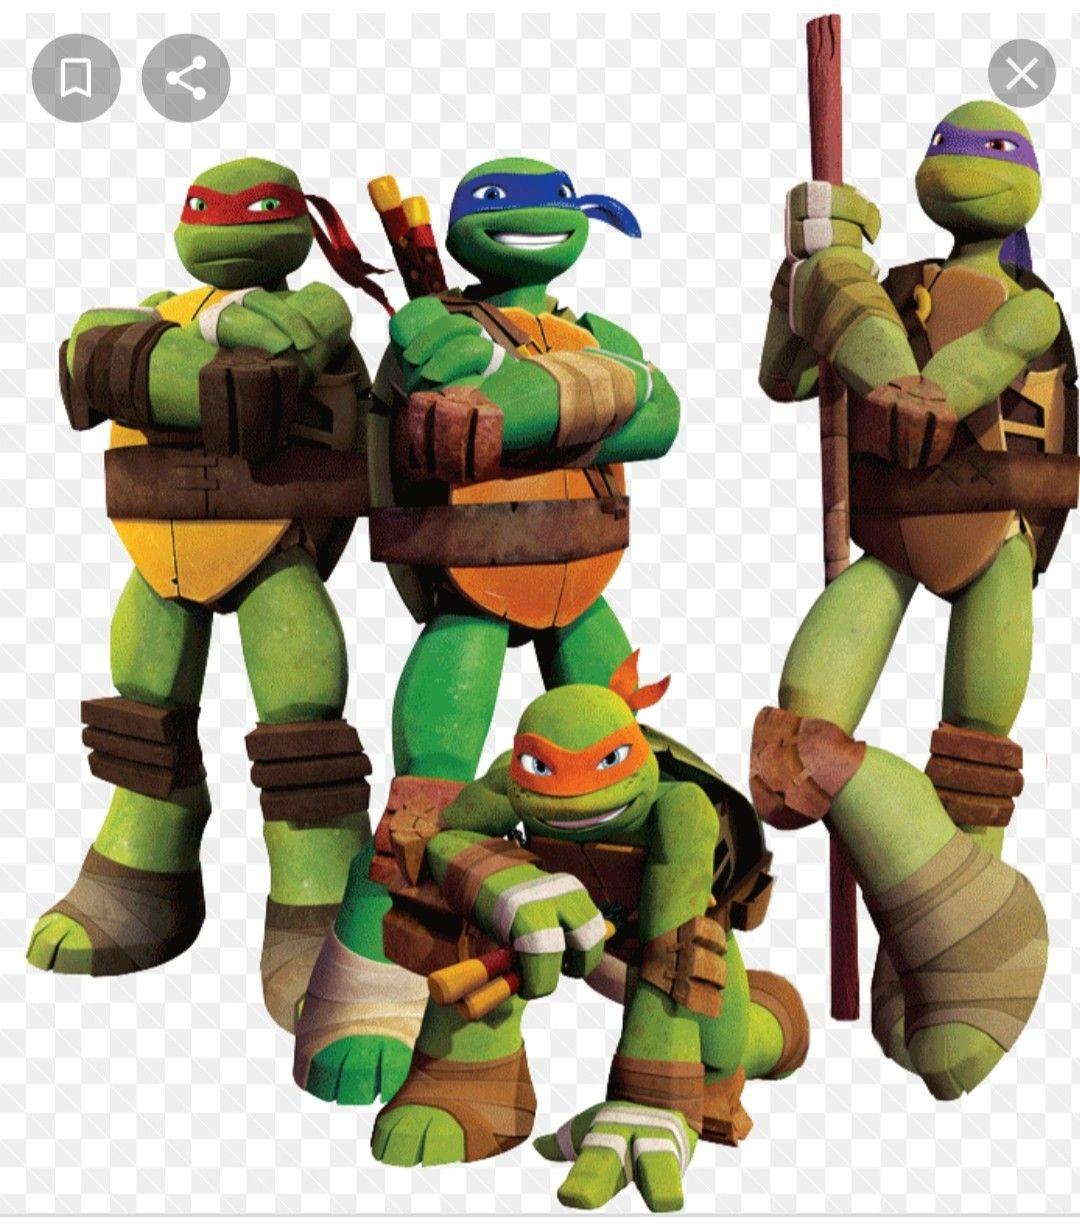 Pin By B Mirkamrani On لاکپشت های نینجا Ninja Turtles Cartoon Tmnt Ninja Turtles Artwork